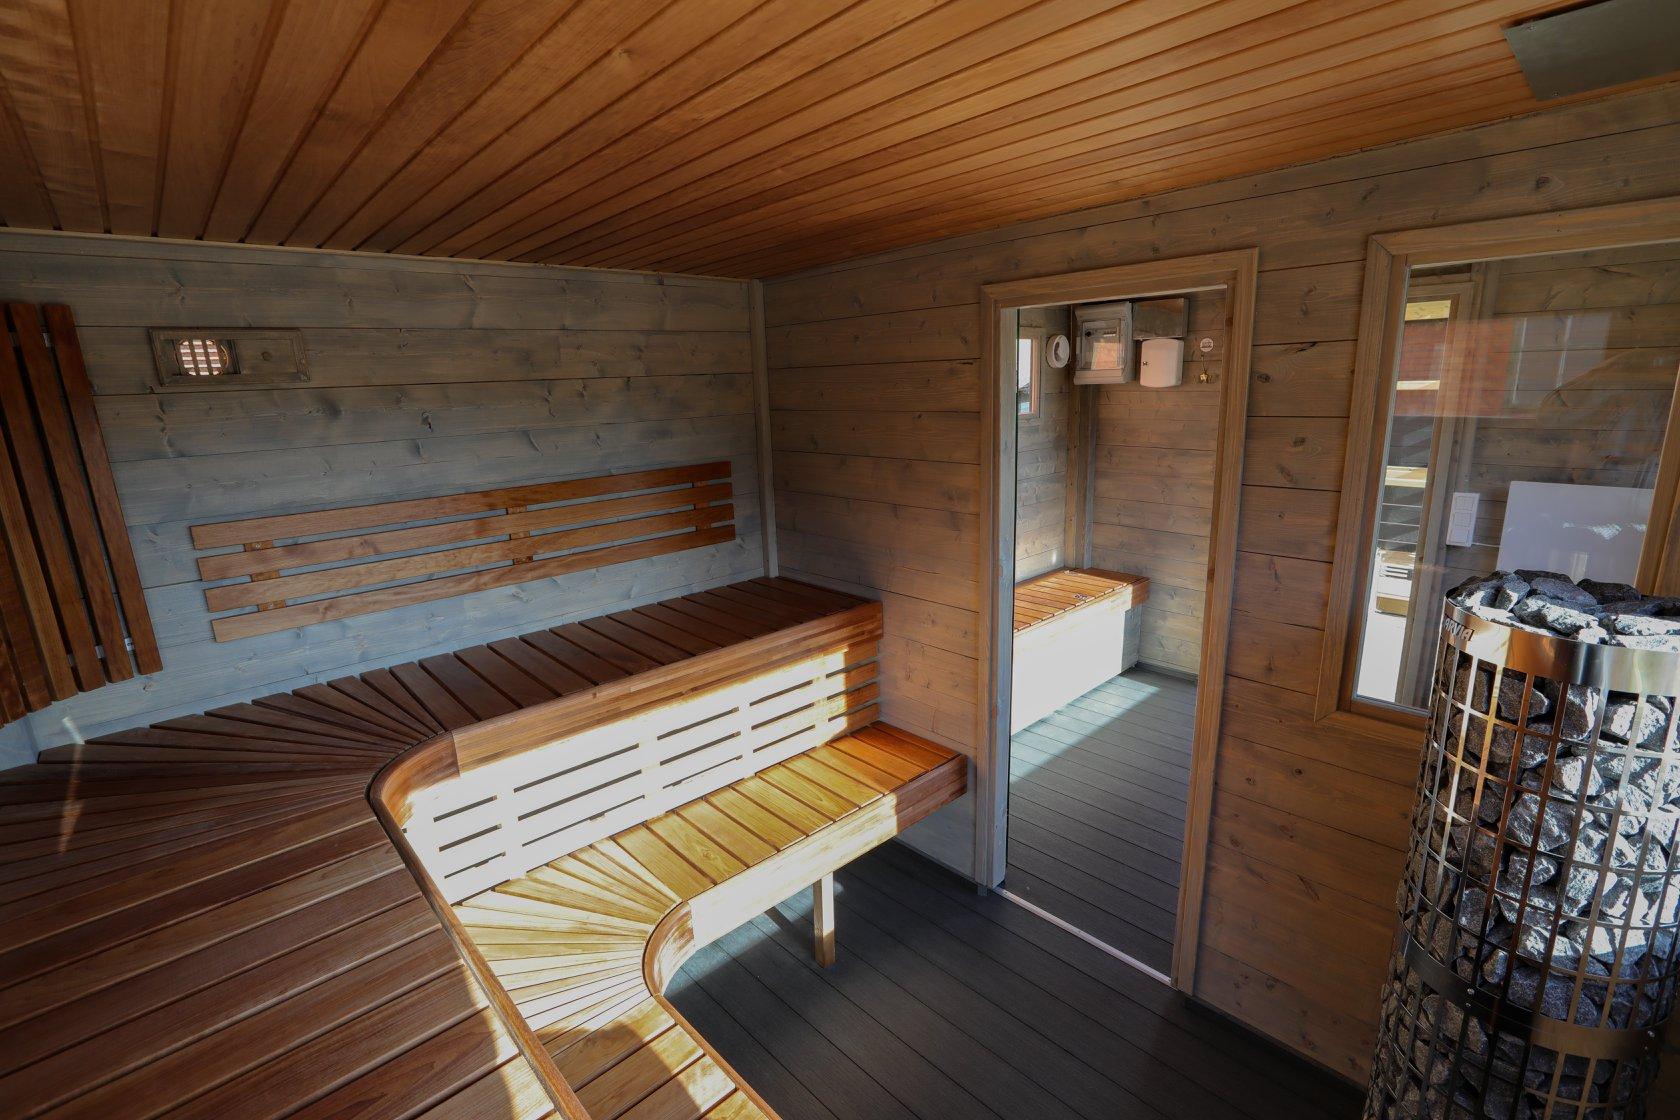 Bastuflotte invändig interiör med gråa väggar och lavar i värmebehandlad asp